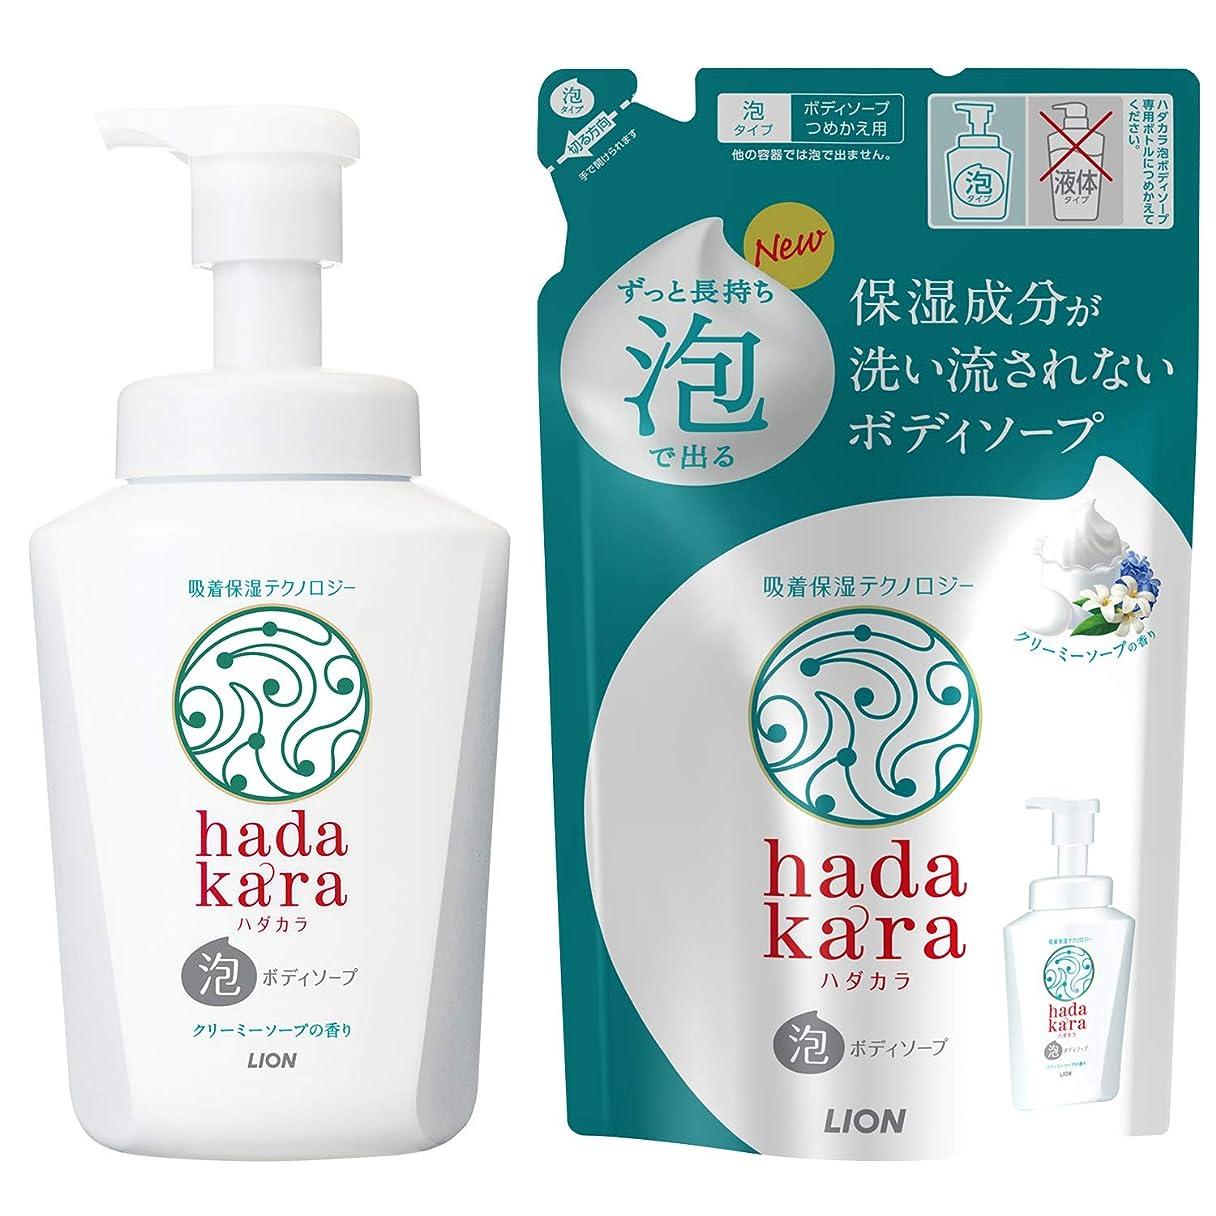 要求するとしてなのでhadakara(ハダカラ) ボディソープ 泡タイプ クリーミーソープの香り 本体550ml+詰替440ml